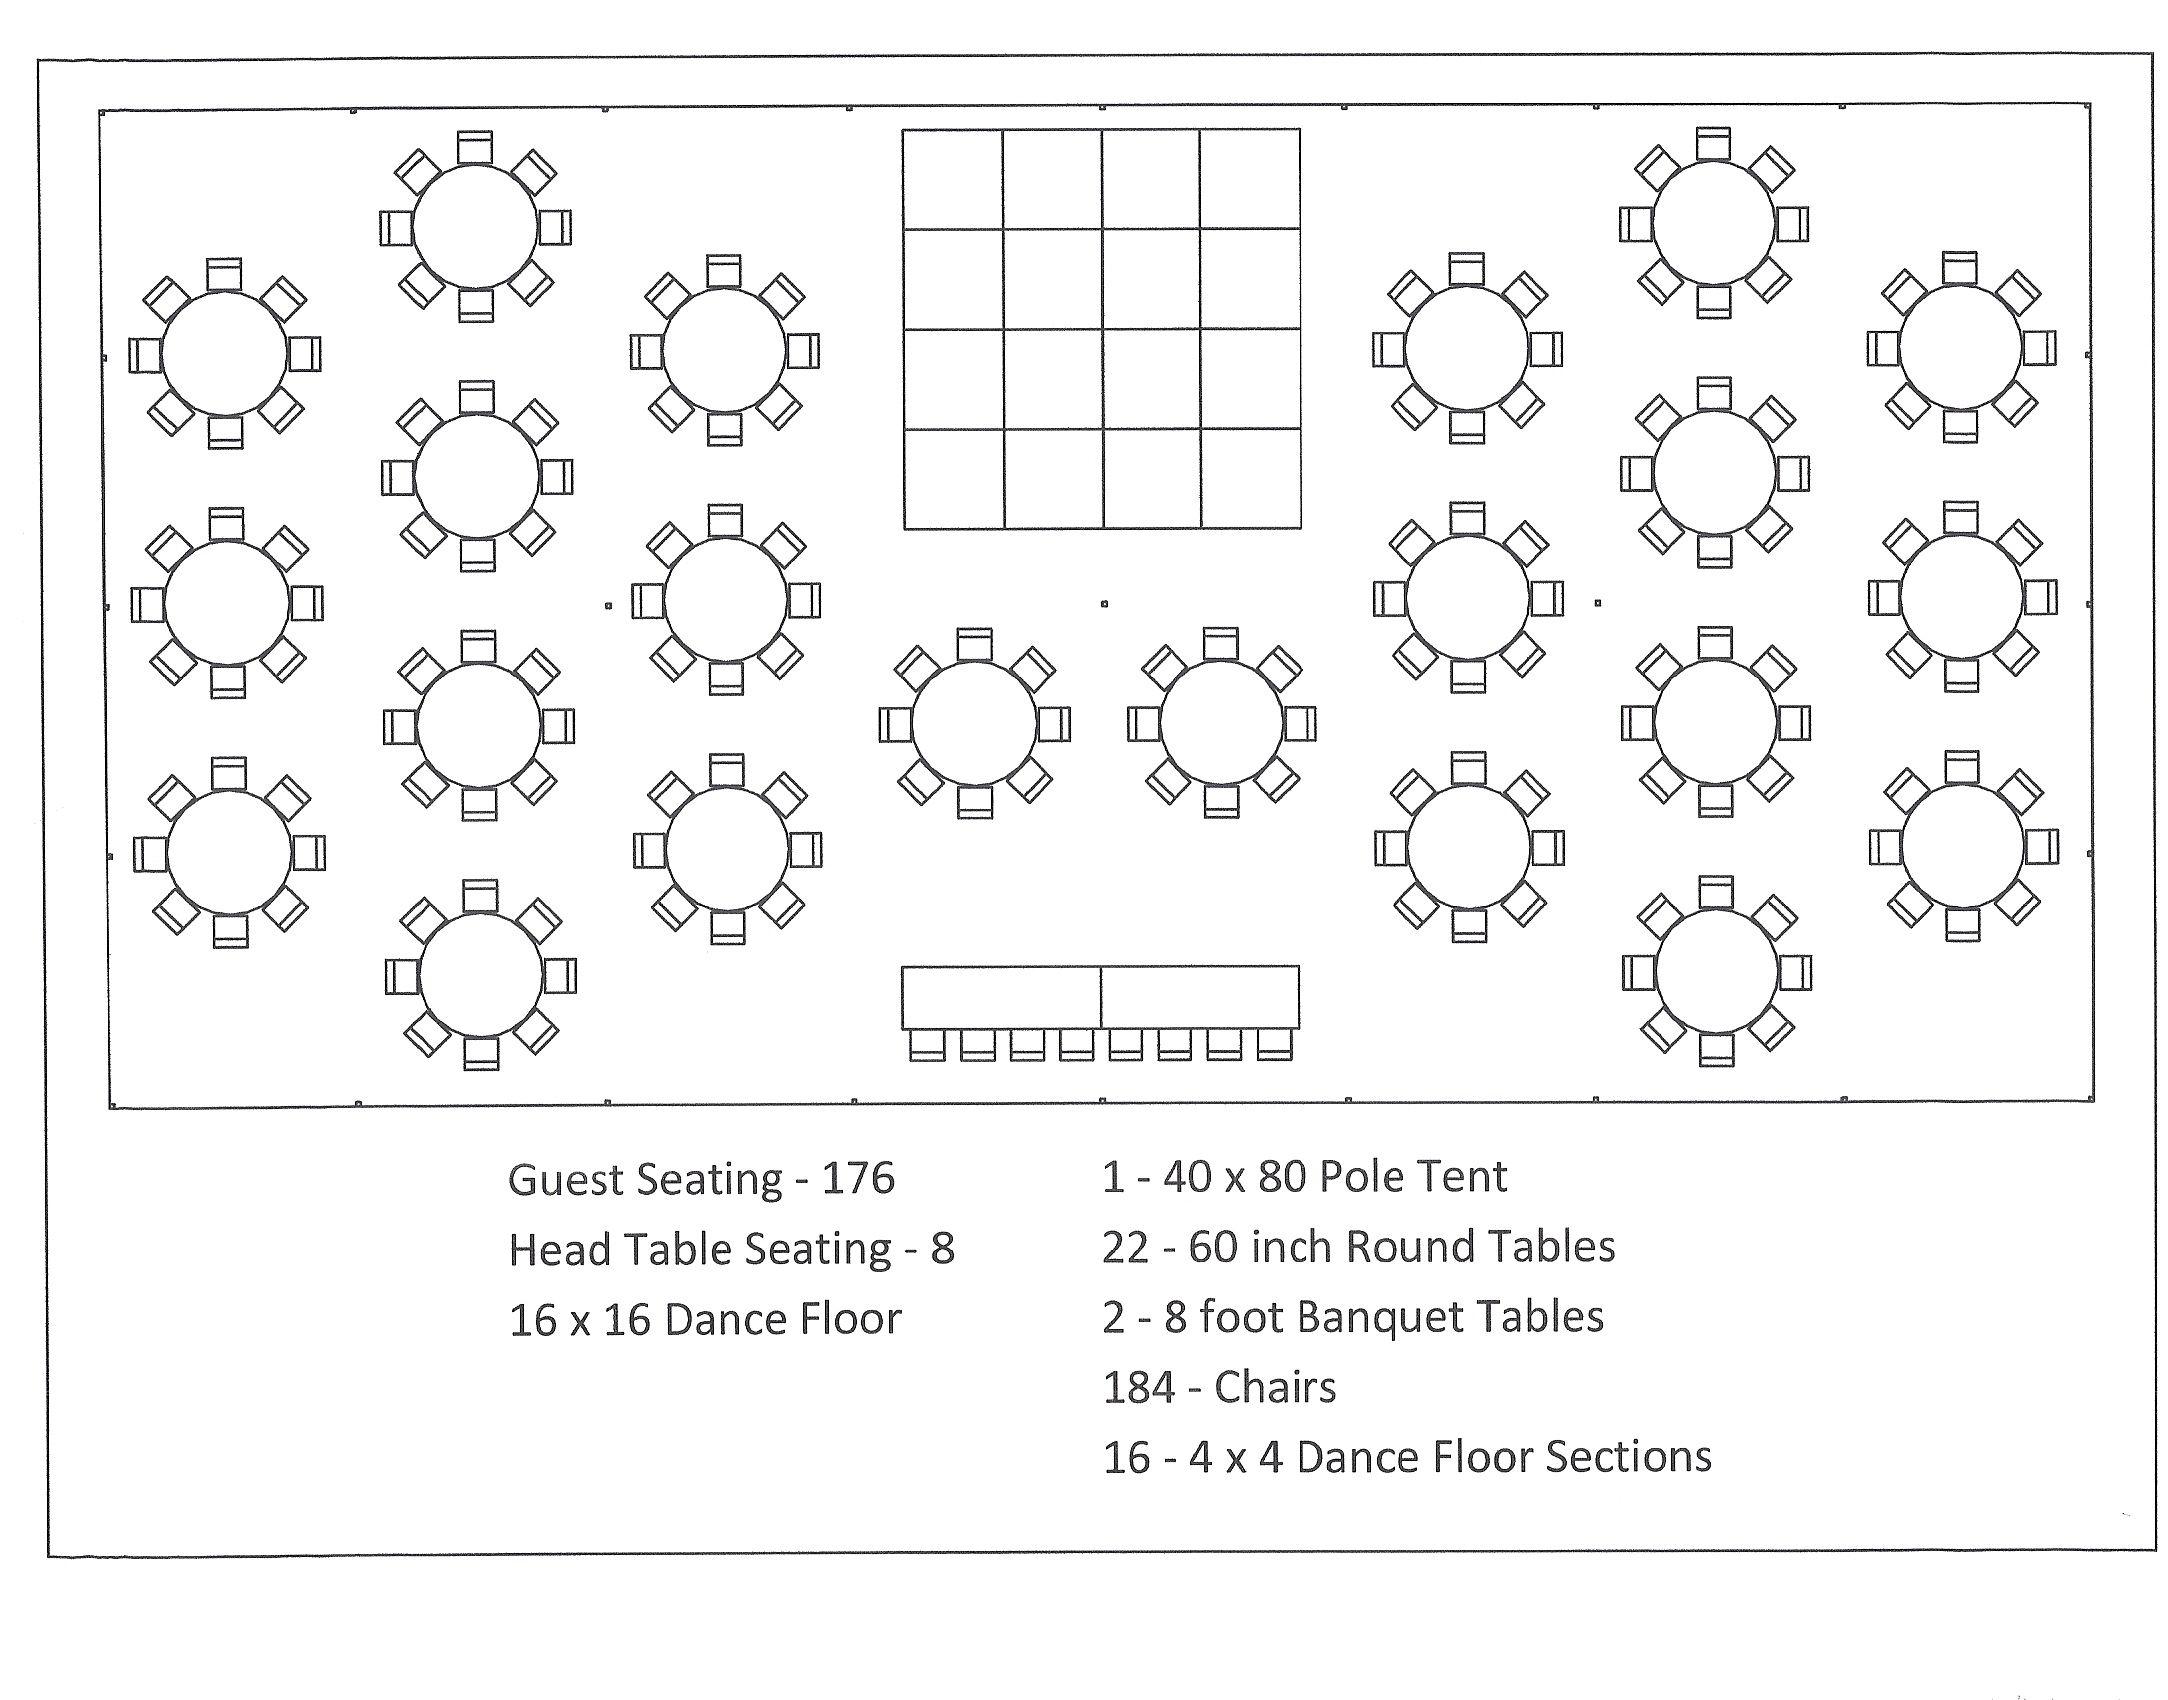 Wedding Seating Arrangement Tool free membership cards online – Wedding Seating Arrangement Tool